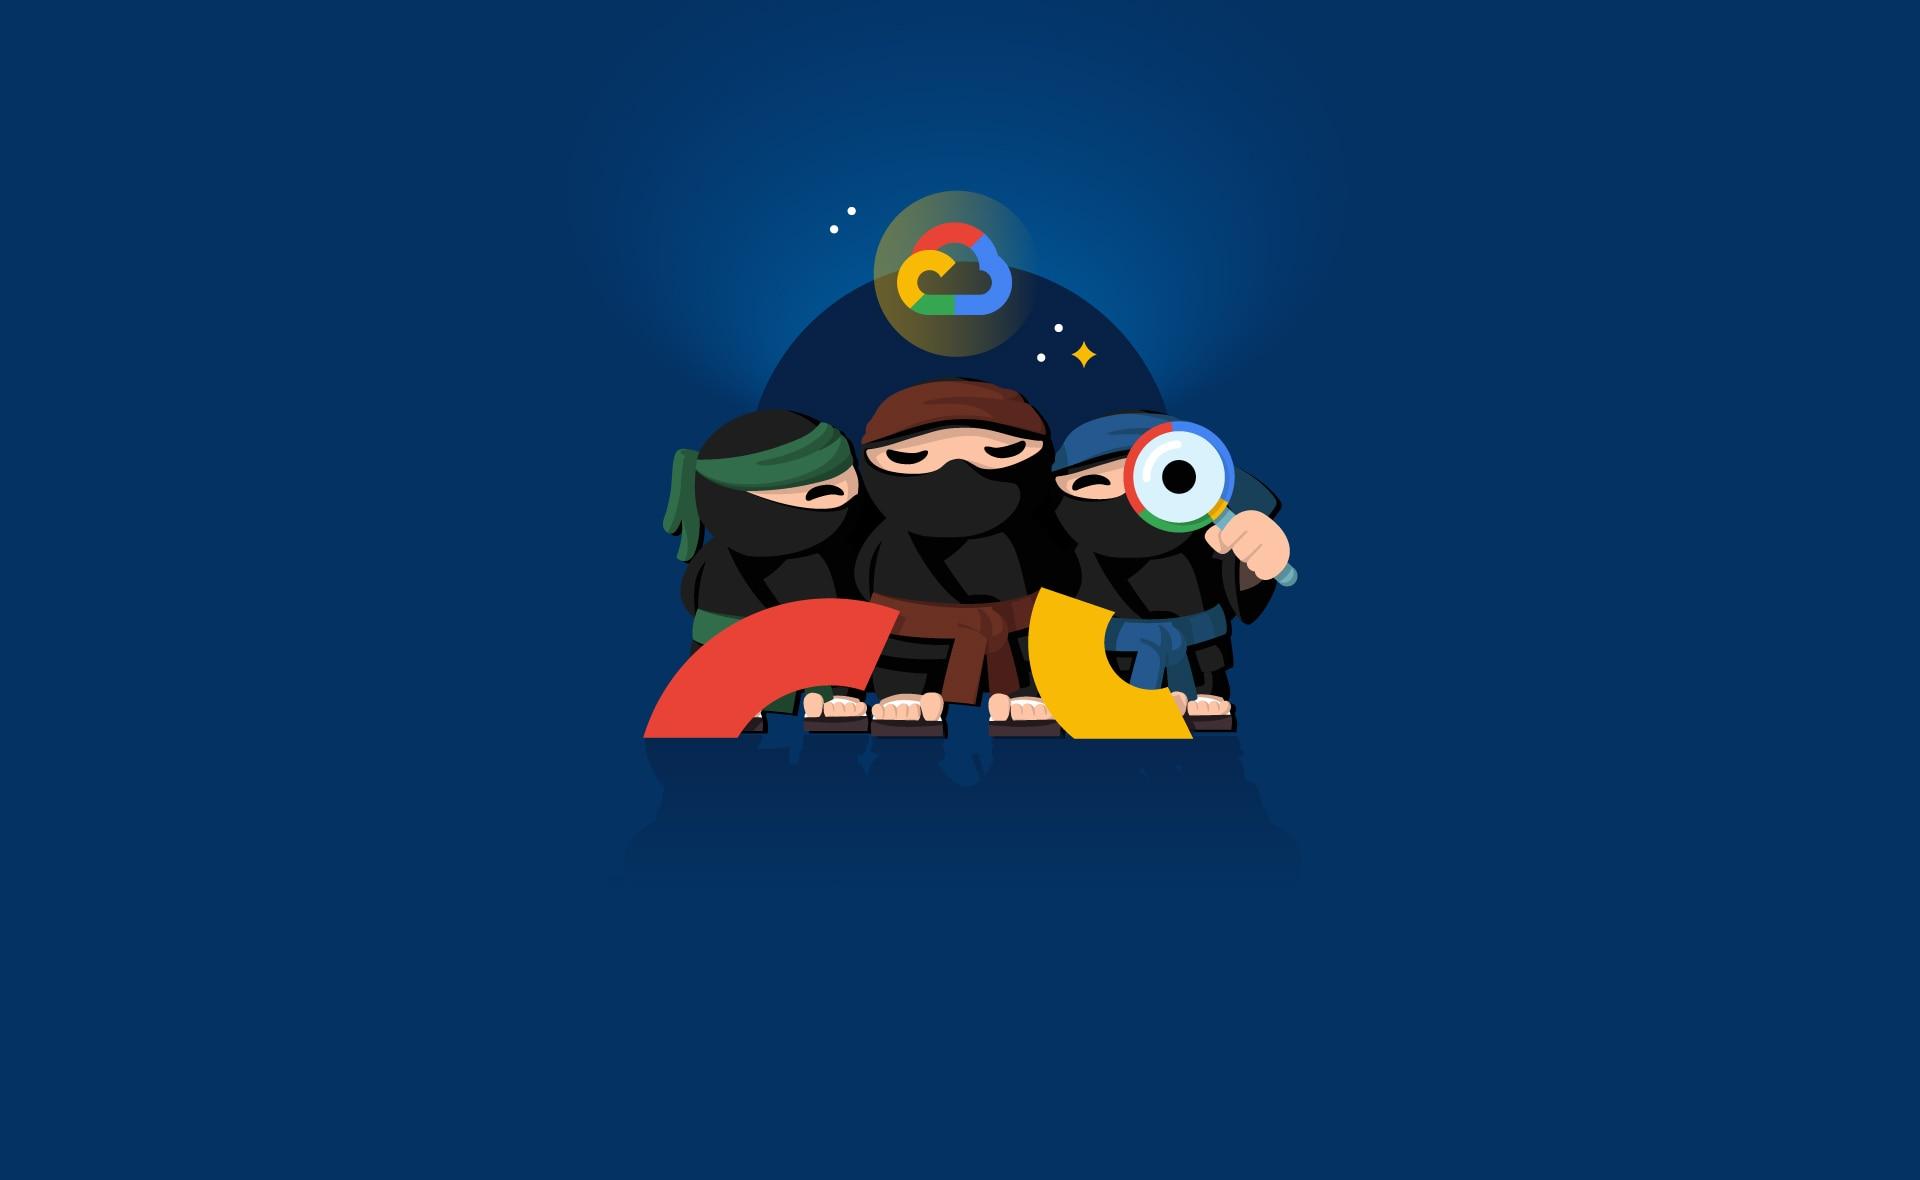 bbva-Google-Cloud-ninja-proyecto